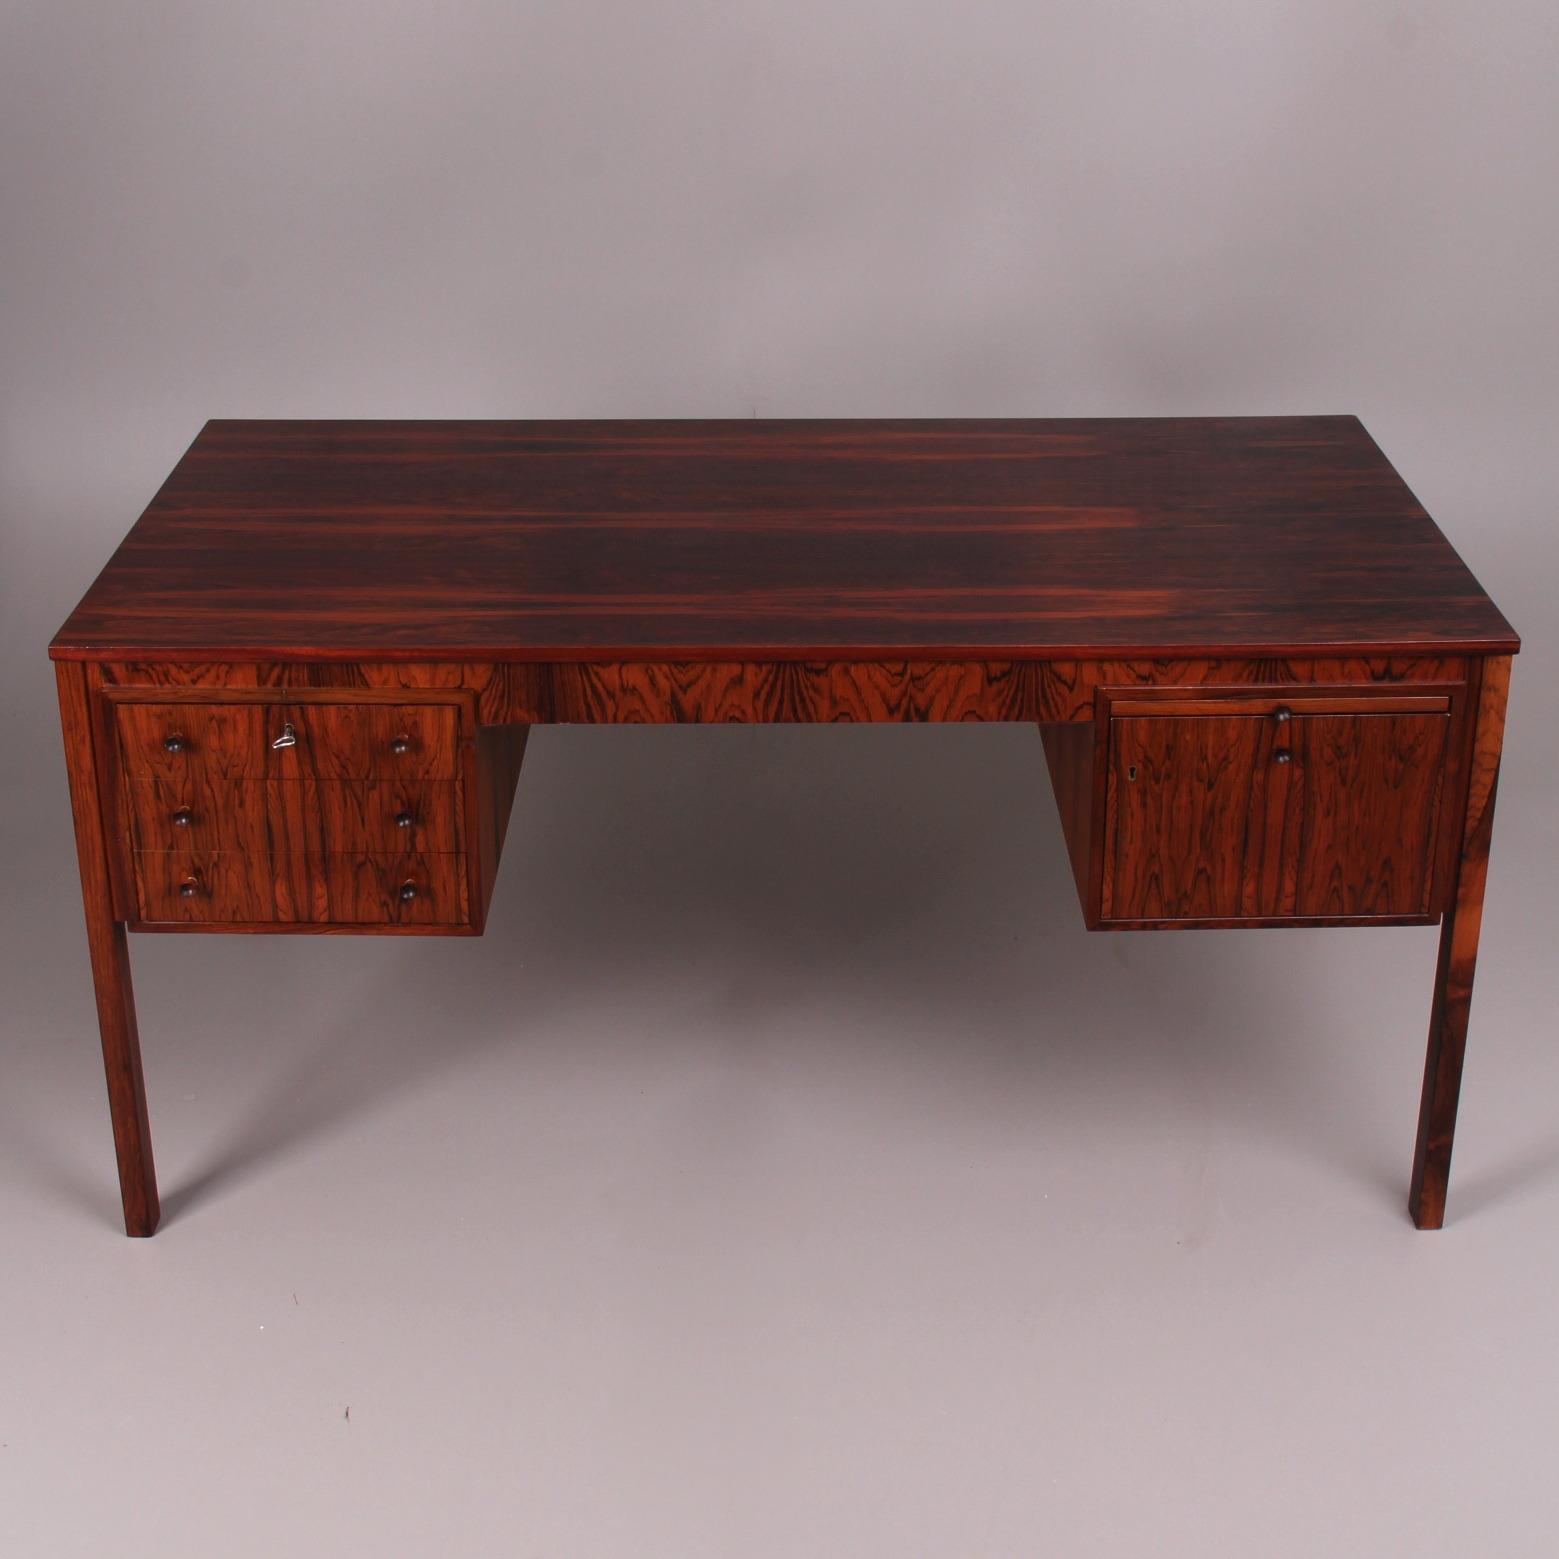 SÅLD Skrivbord arbetsbord avlastningsskiva SÅLD Möbler